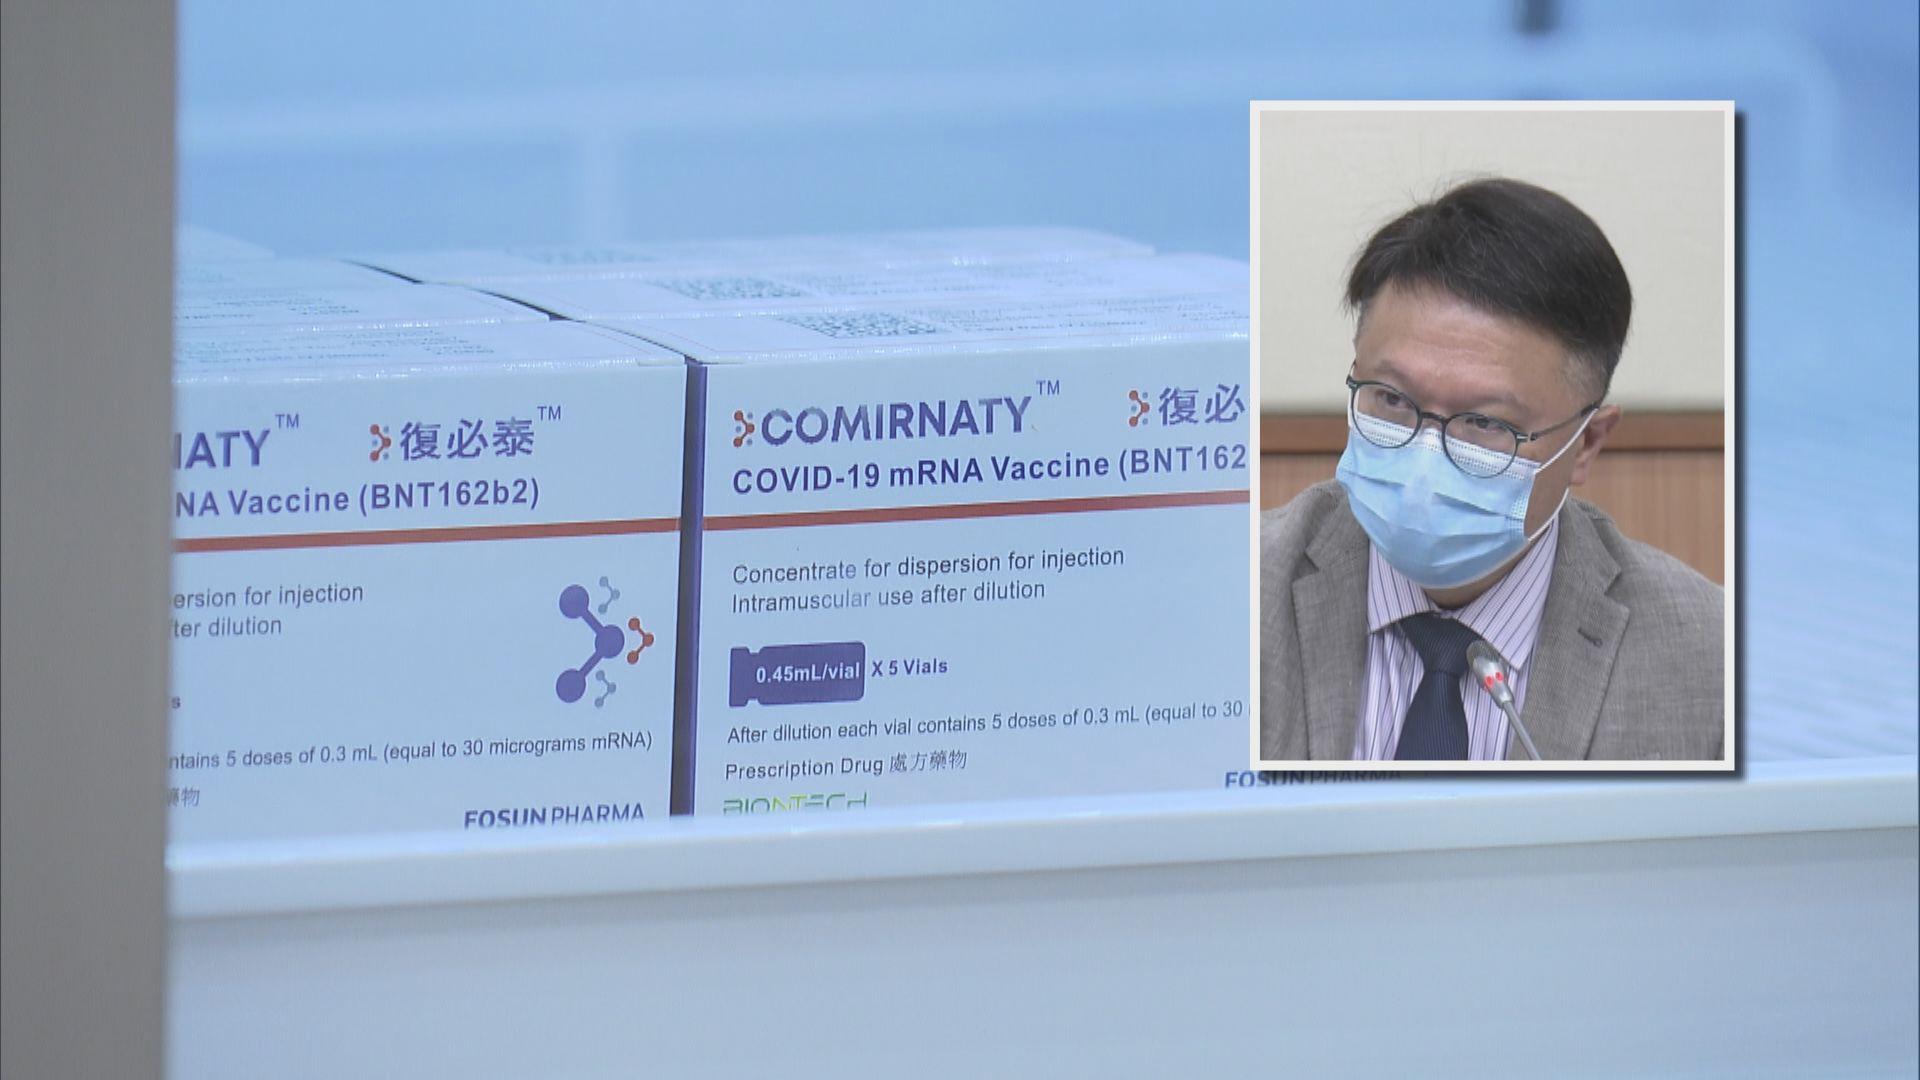 許樹昌:只要變種病毒株無流入社區 毋須採購其他疫苗